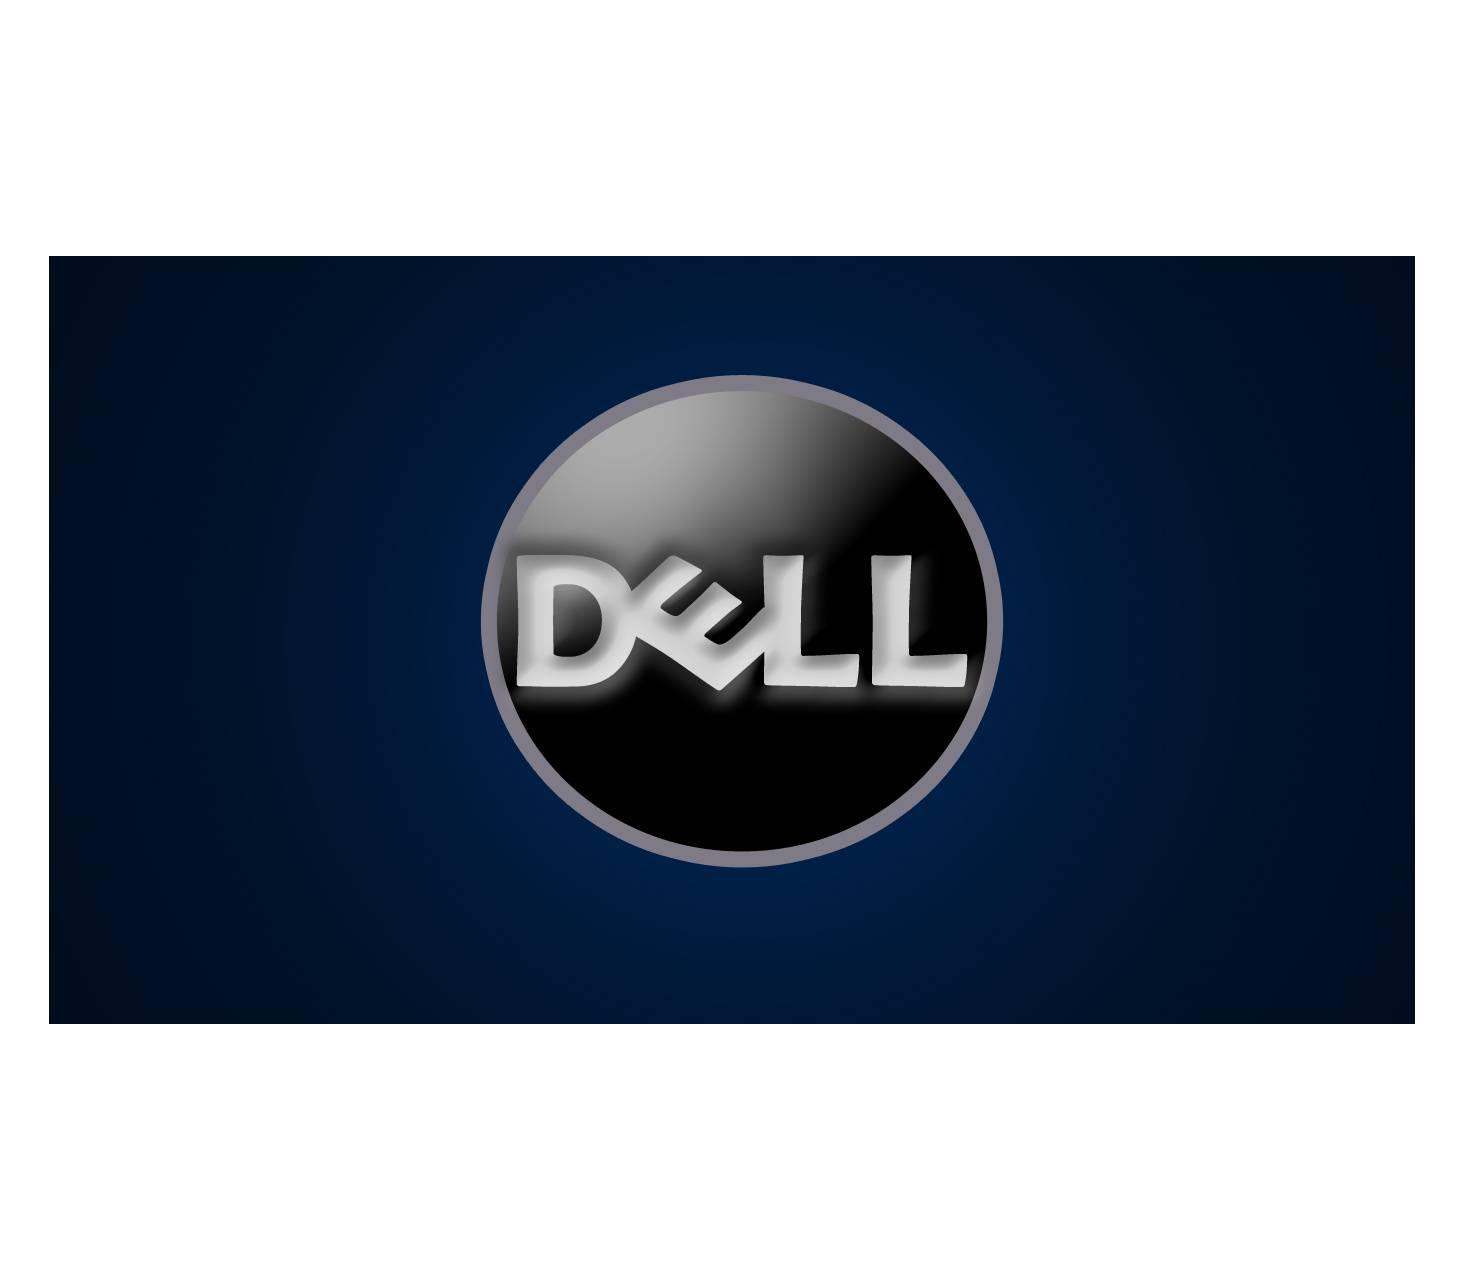 Dell Boooos